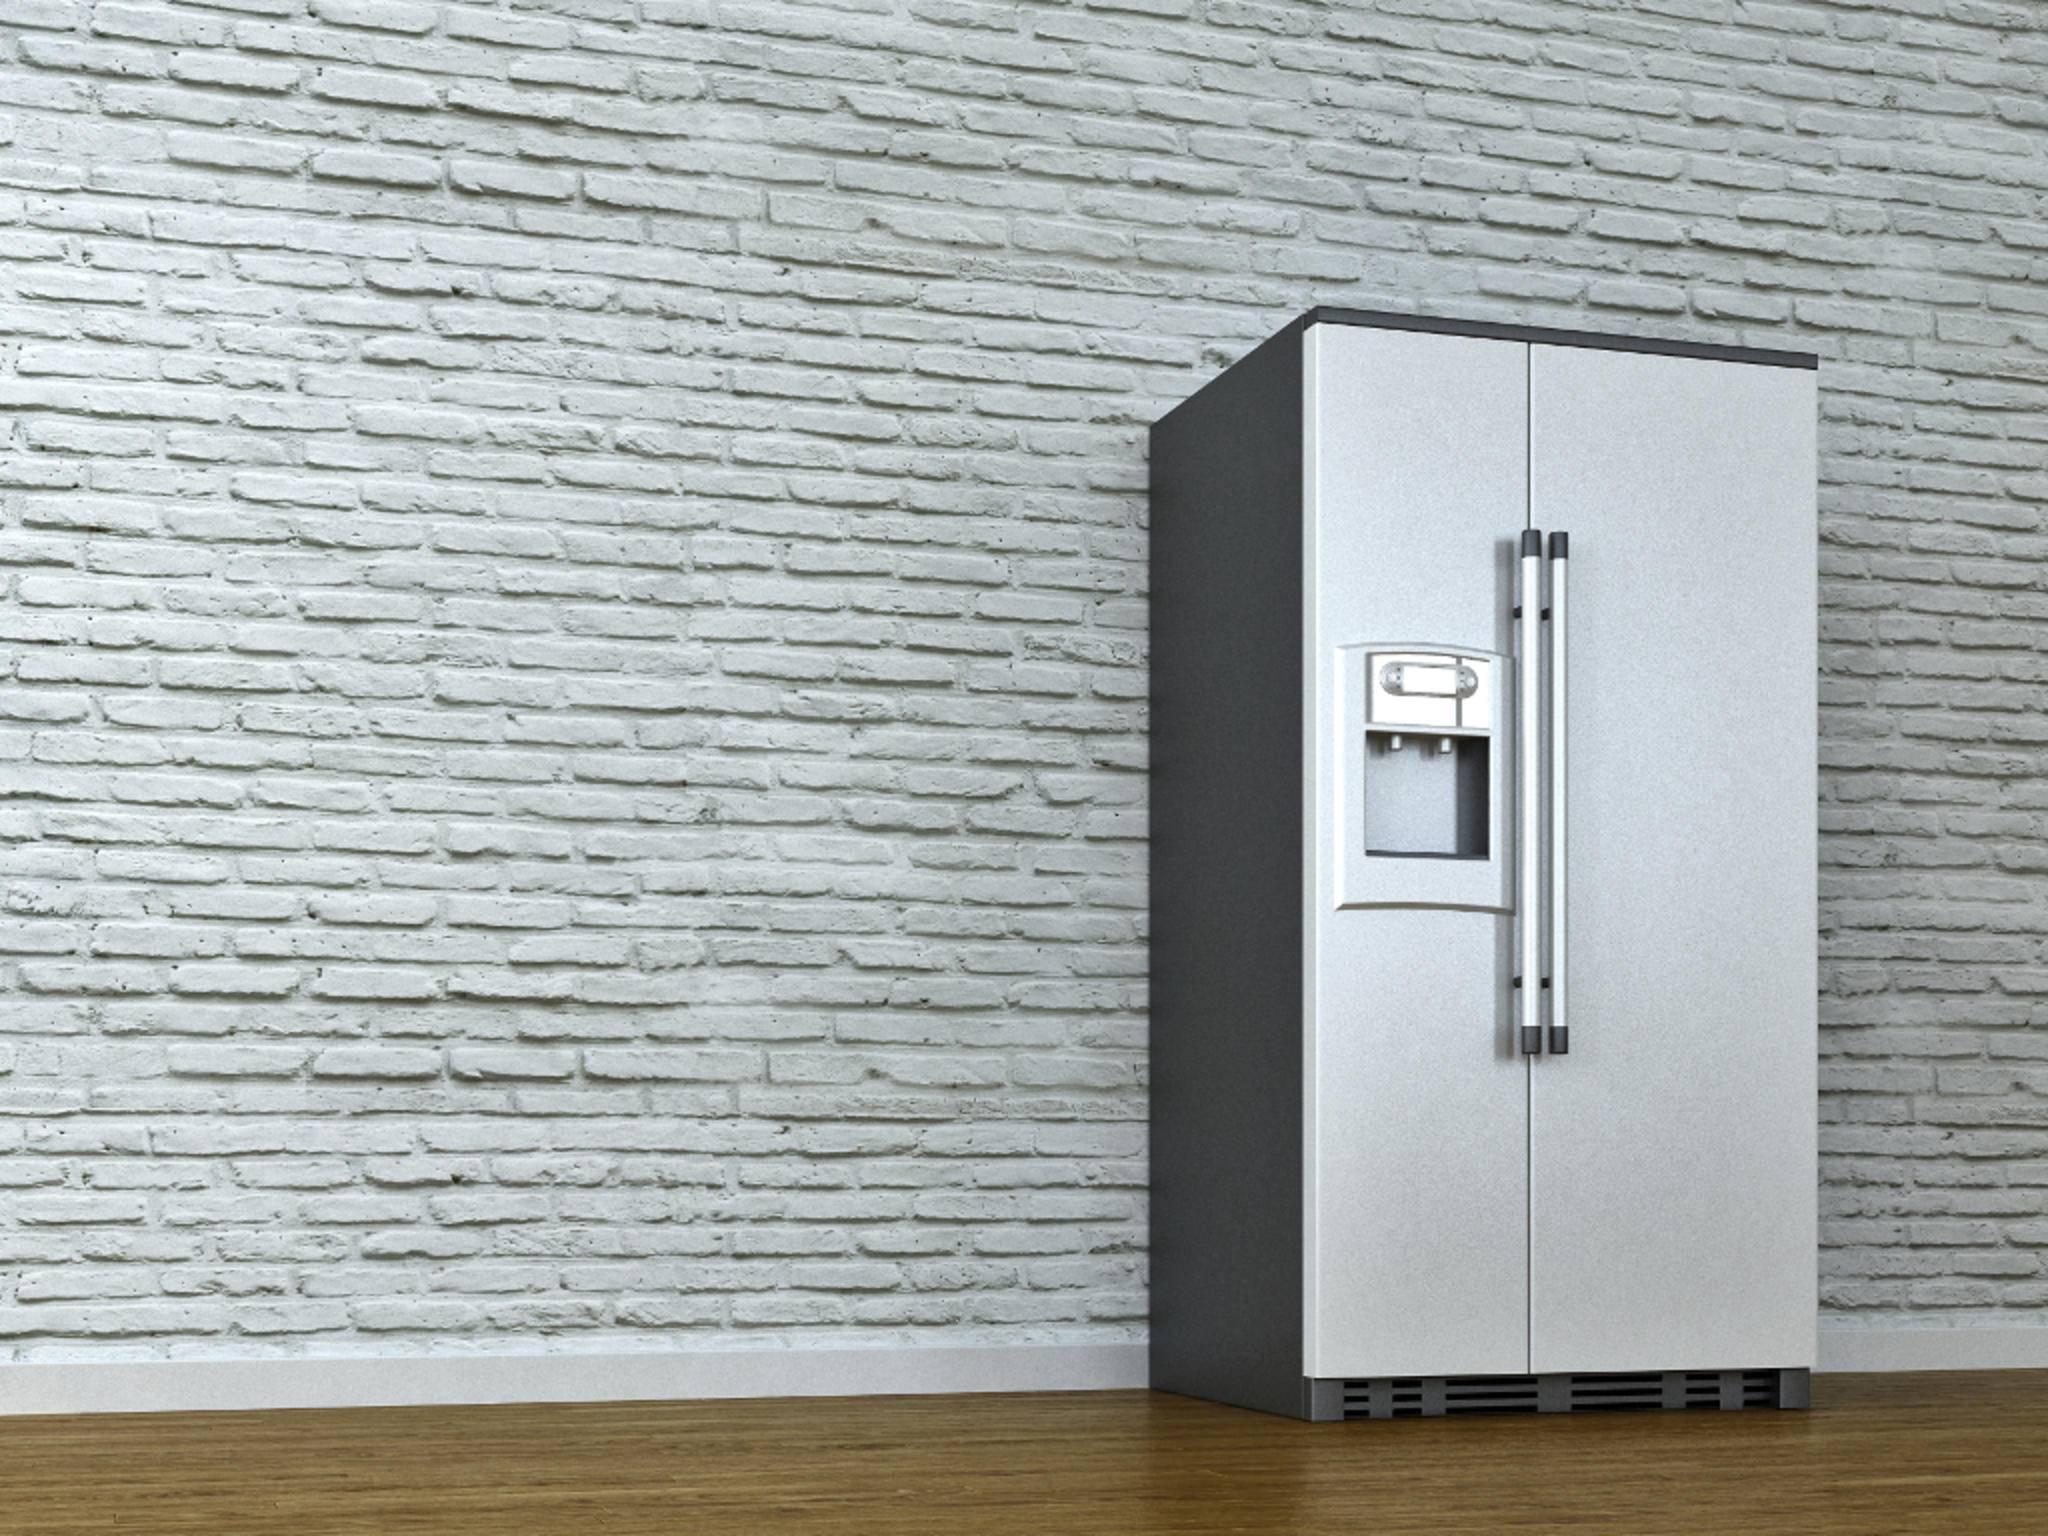 Kühlschrank transportieren: Im Liegen oder im Stehen?